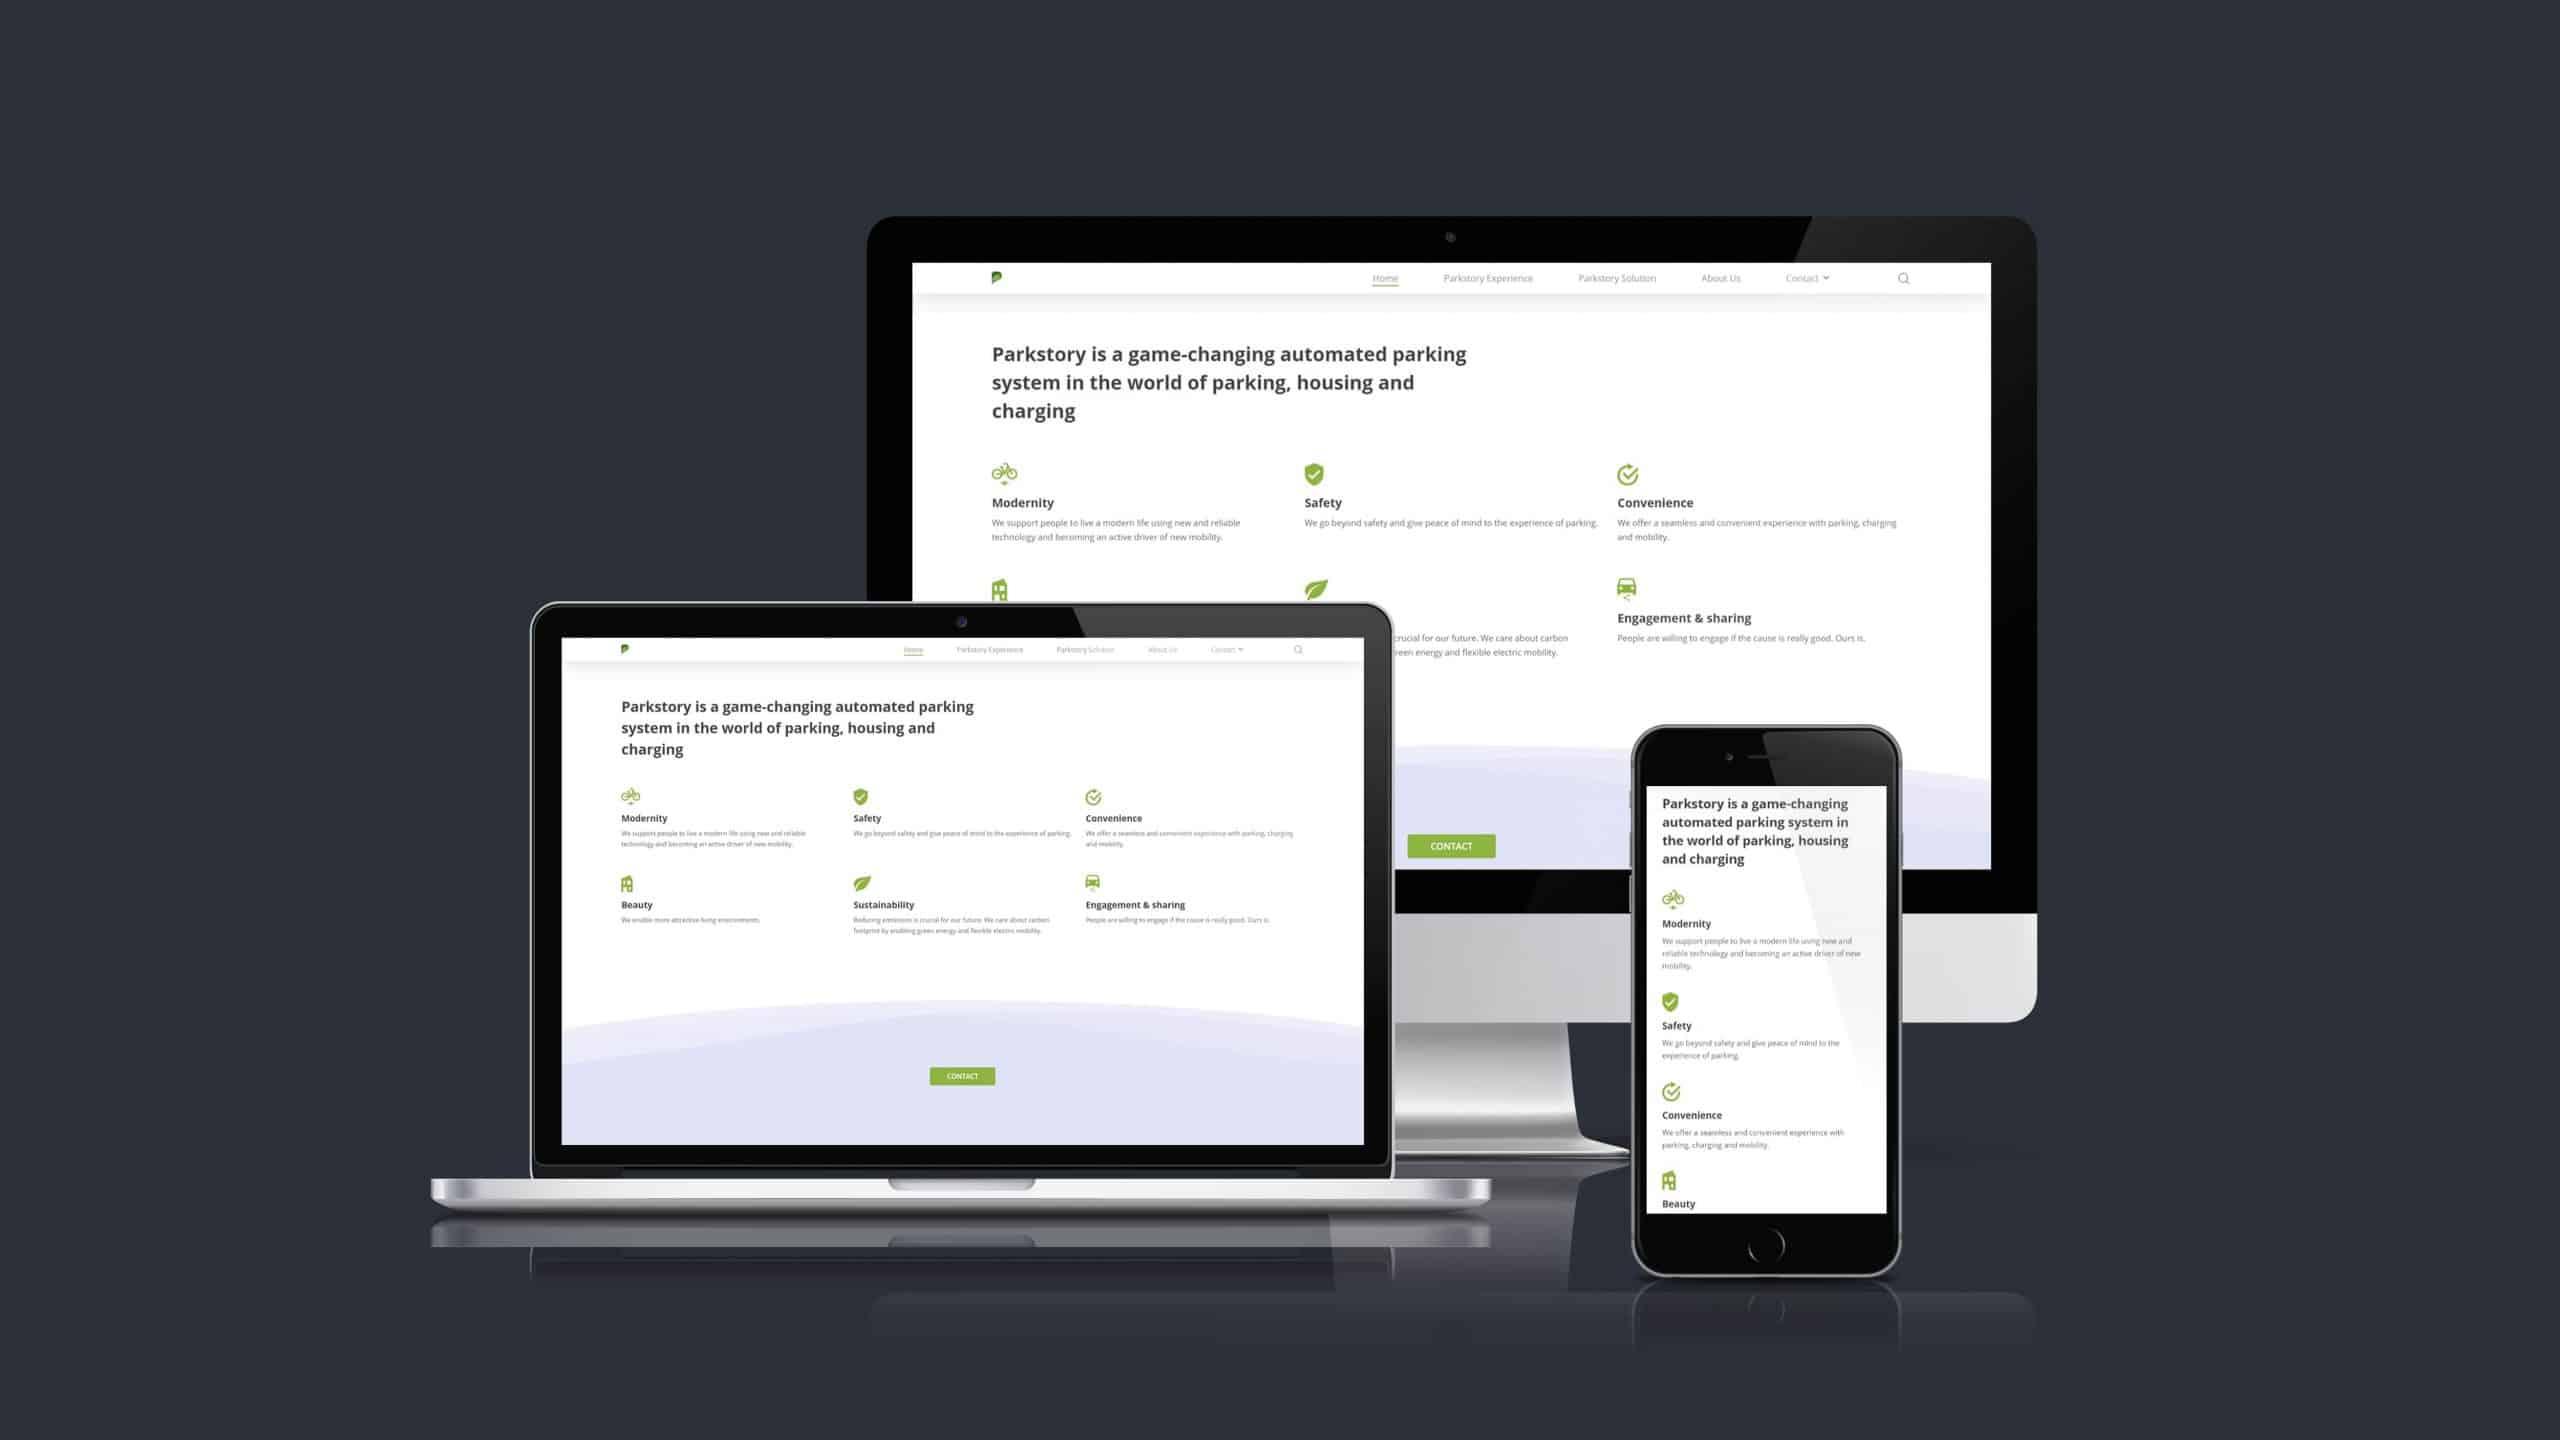 forestisland-parksotry-webdesign-1